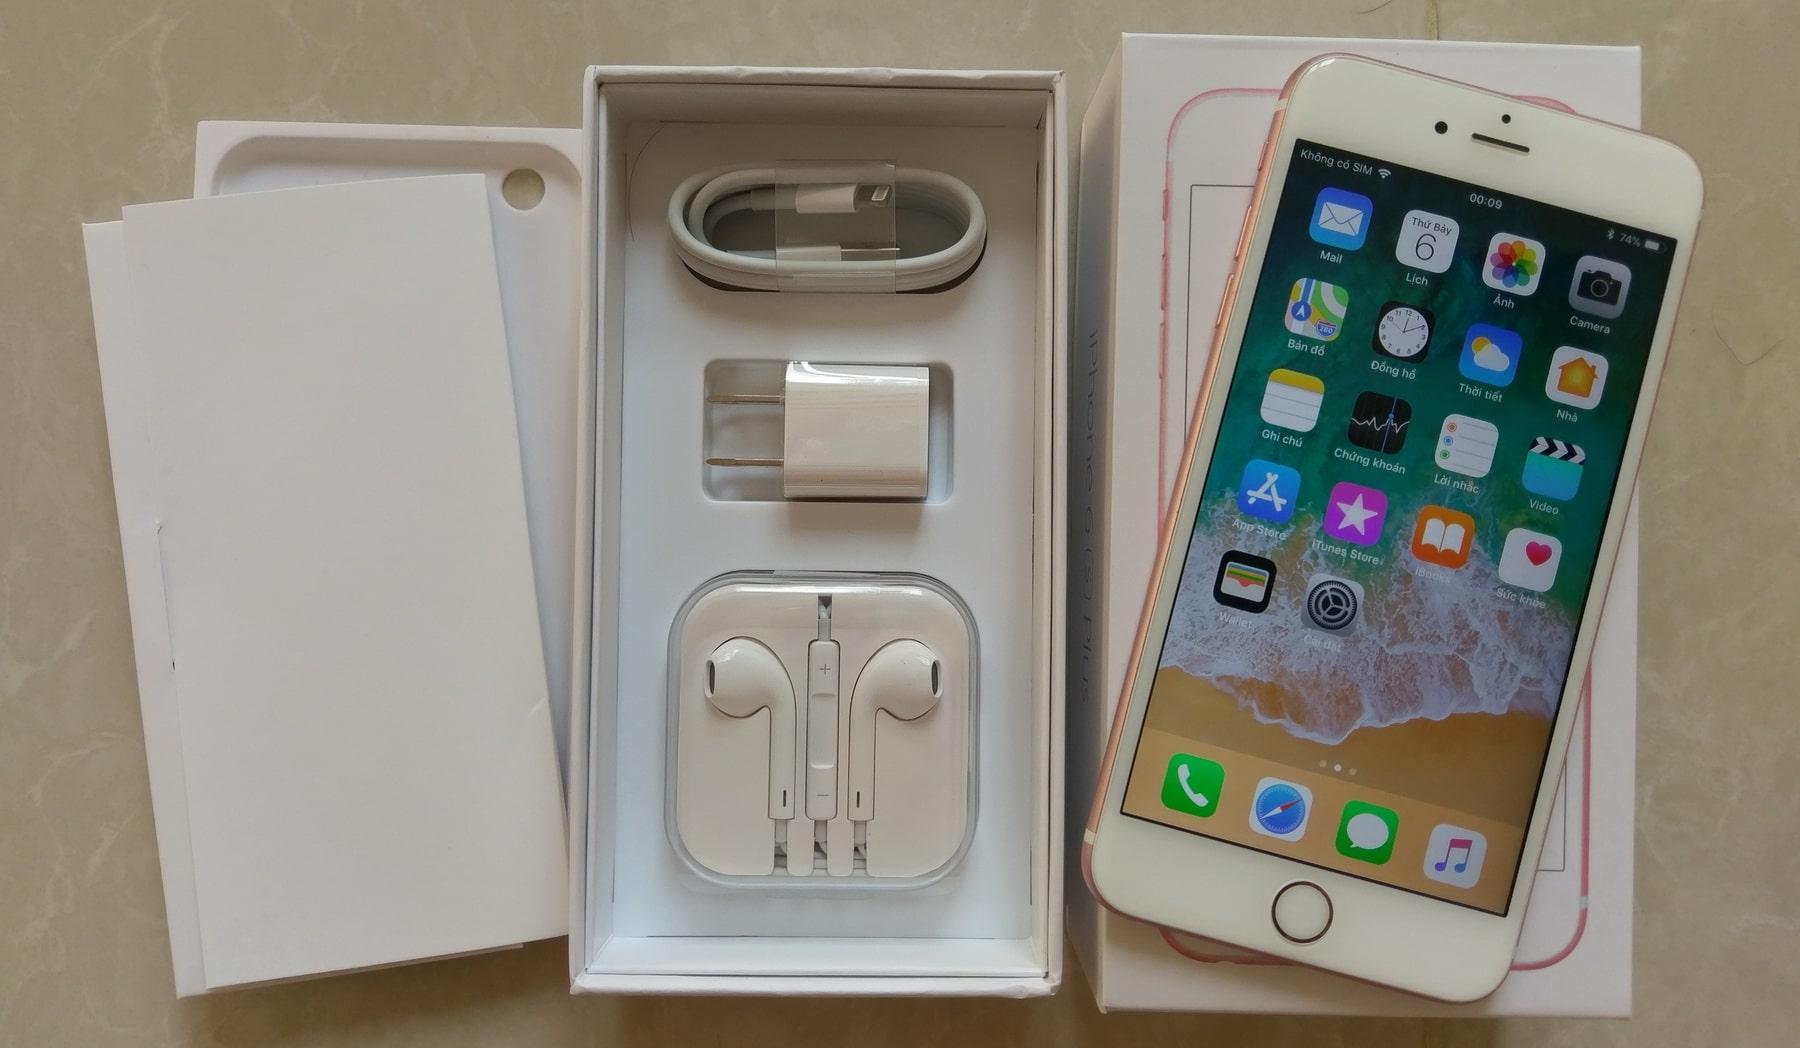 unboxing iphone 6 plus